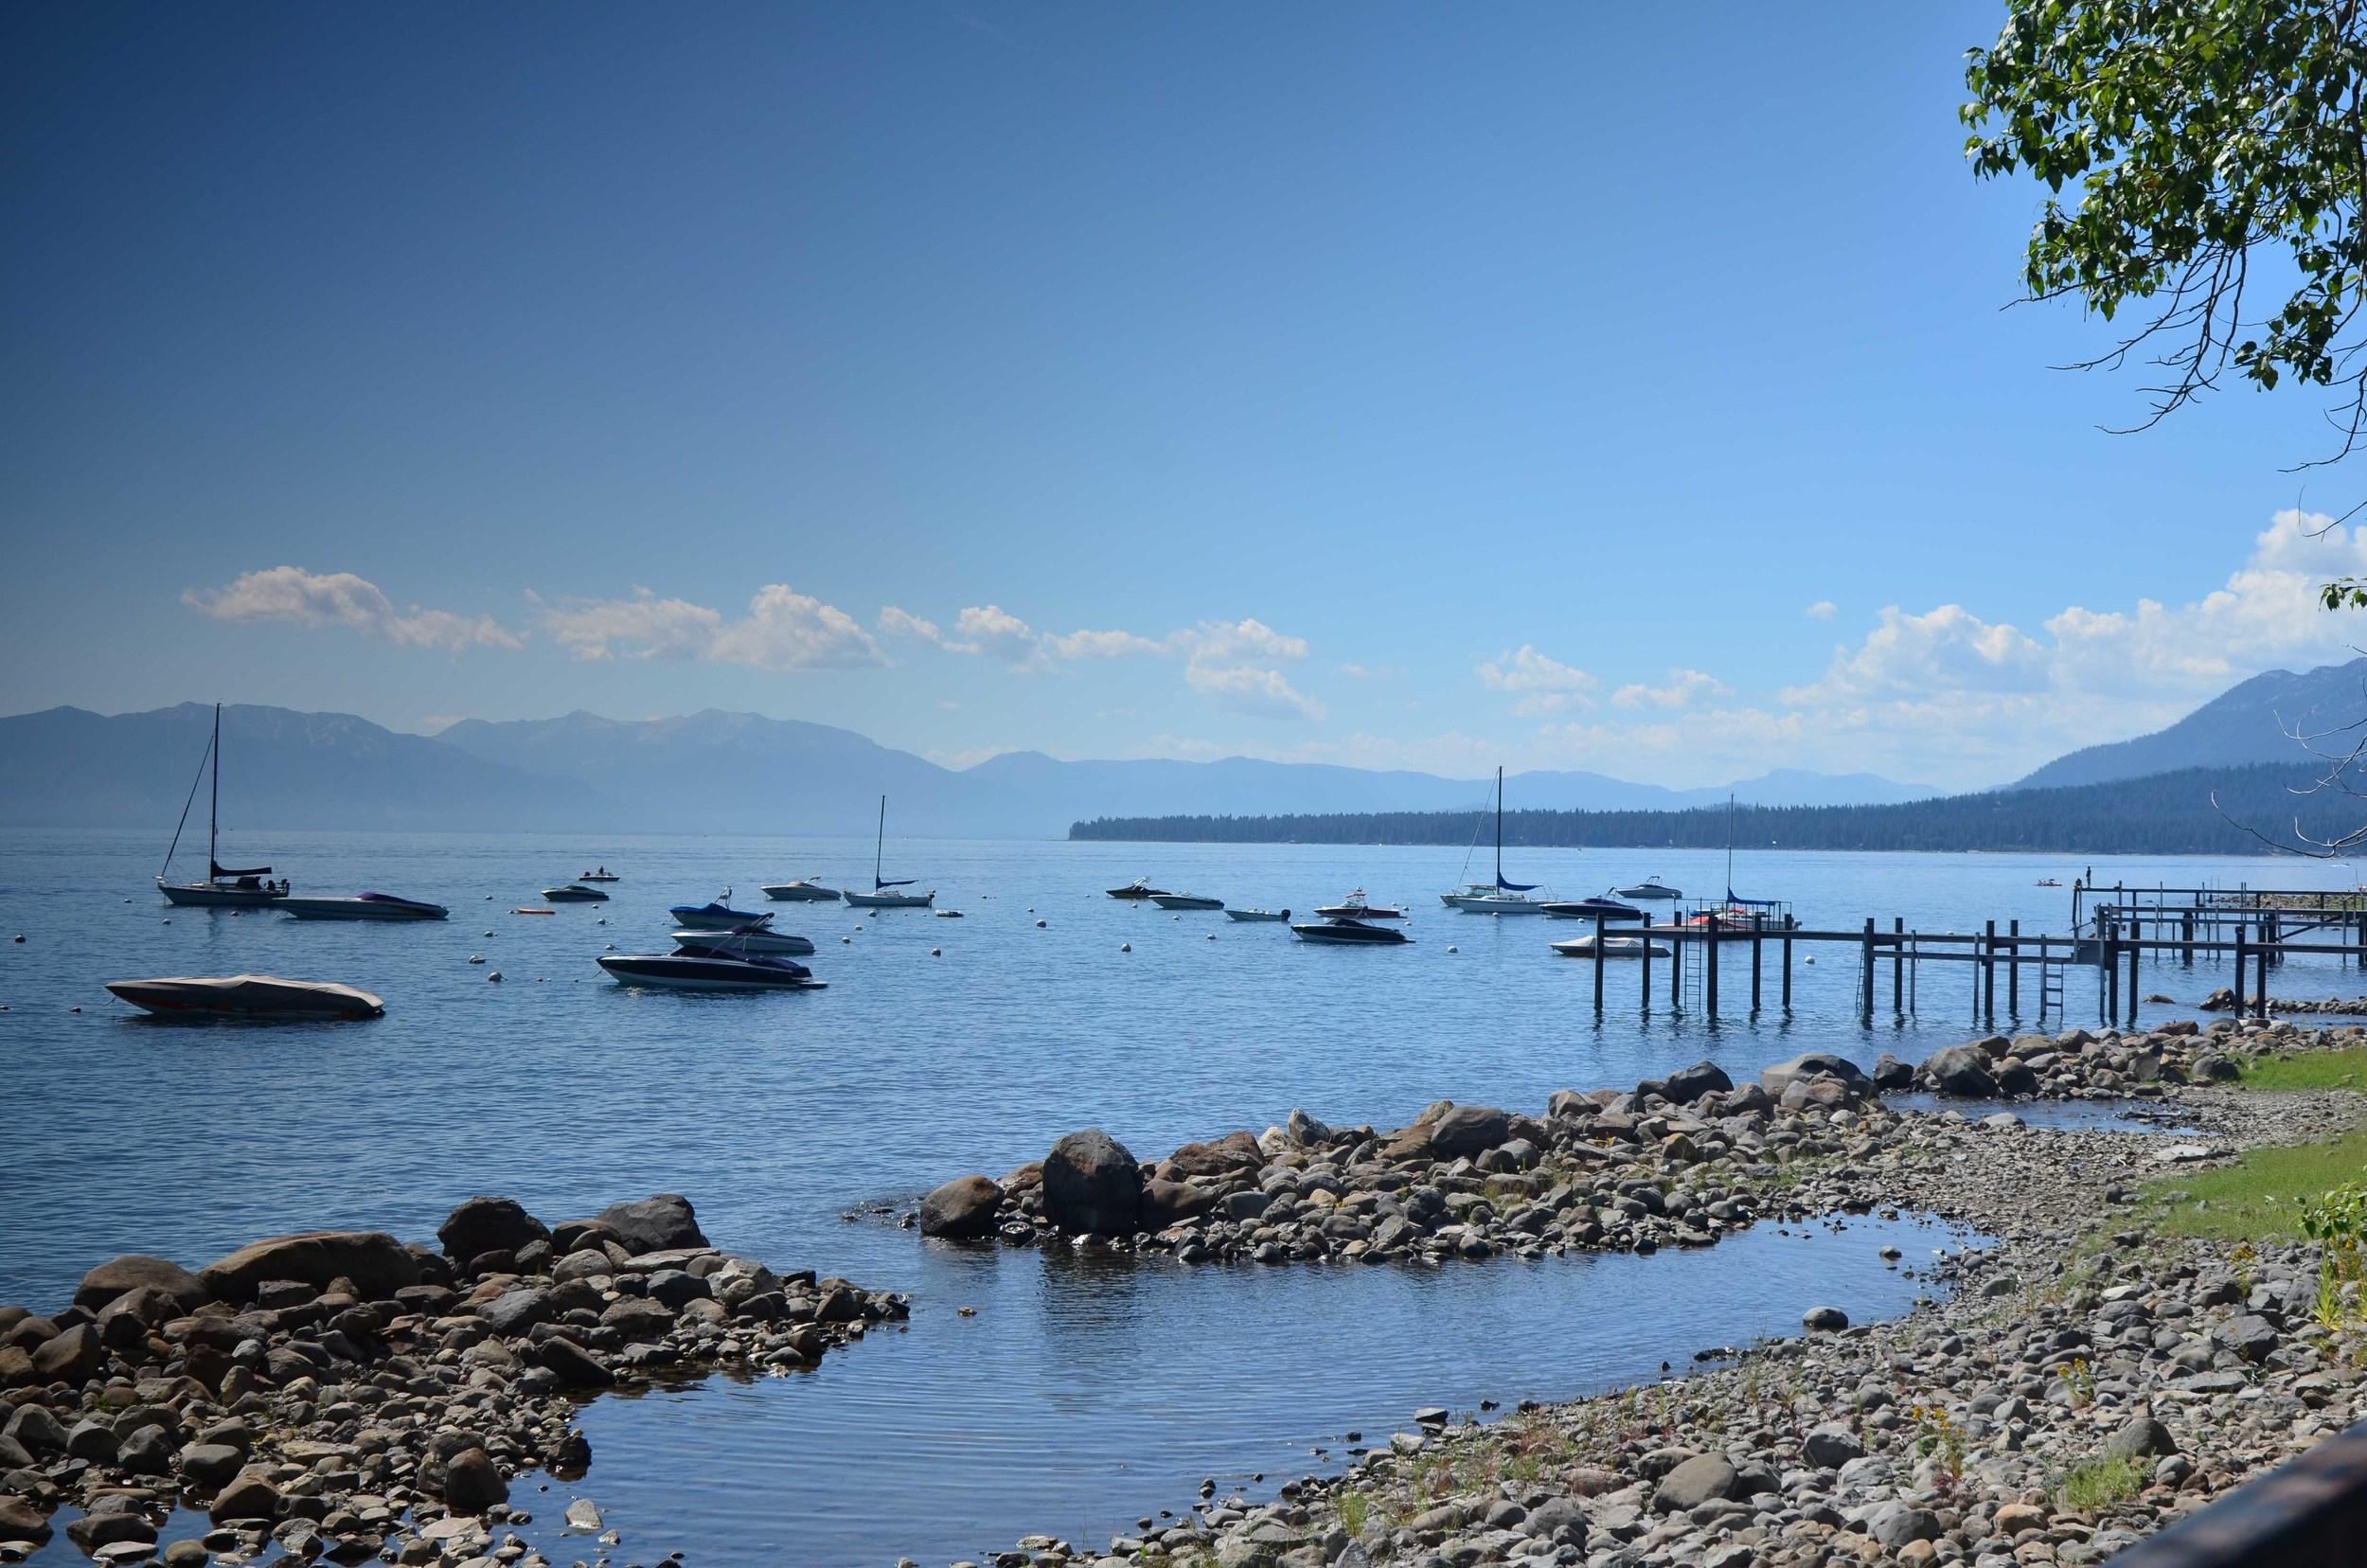 Lake_Tahoe_04.jpg